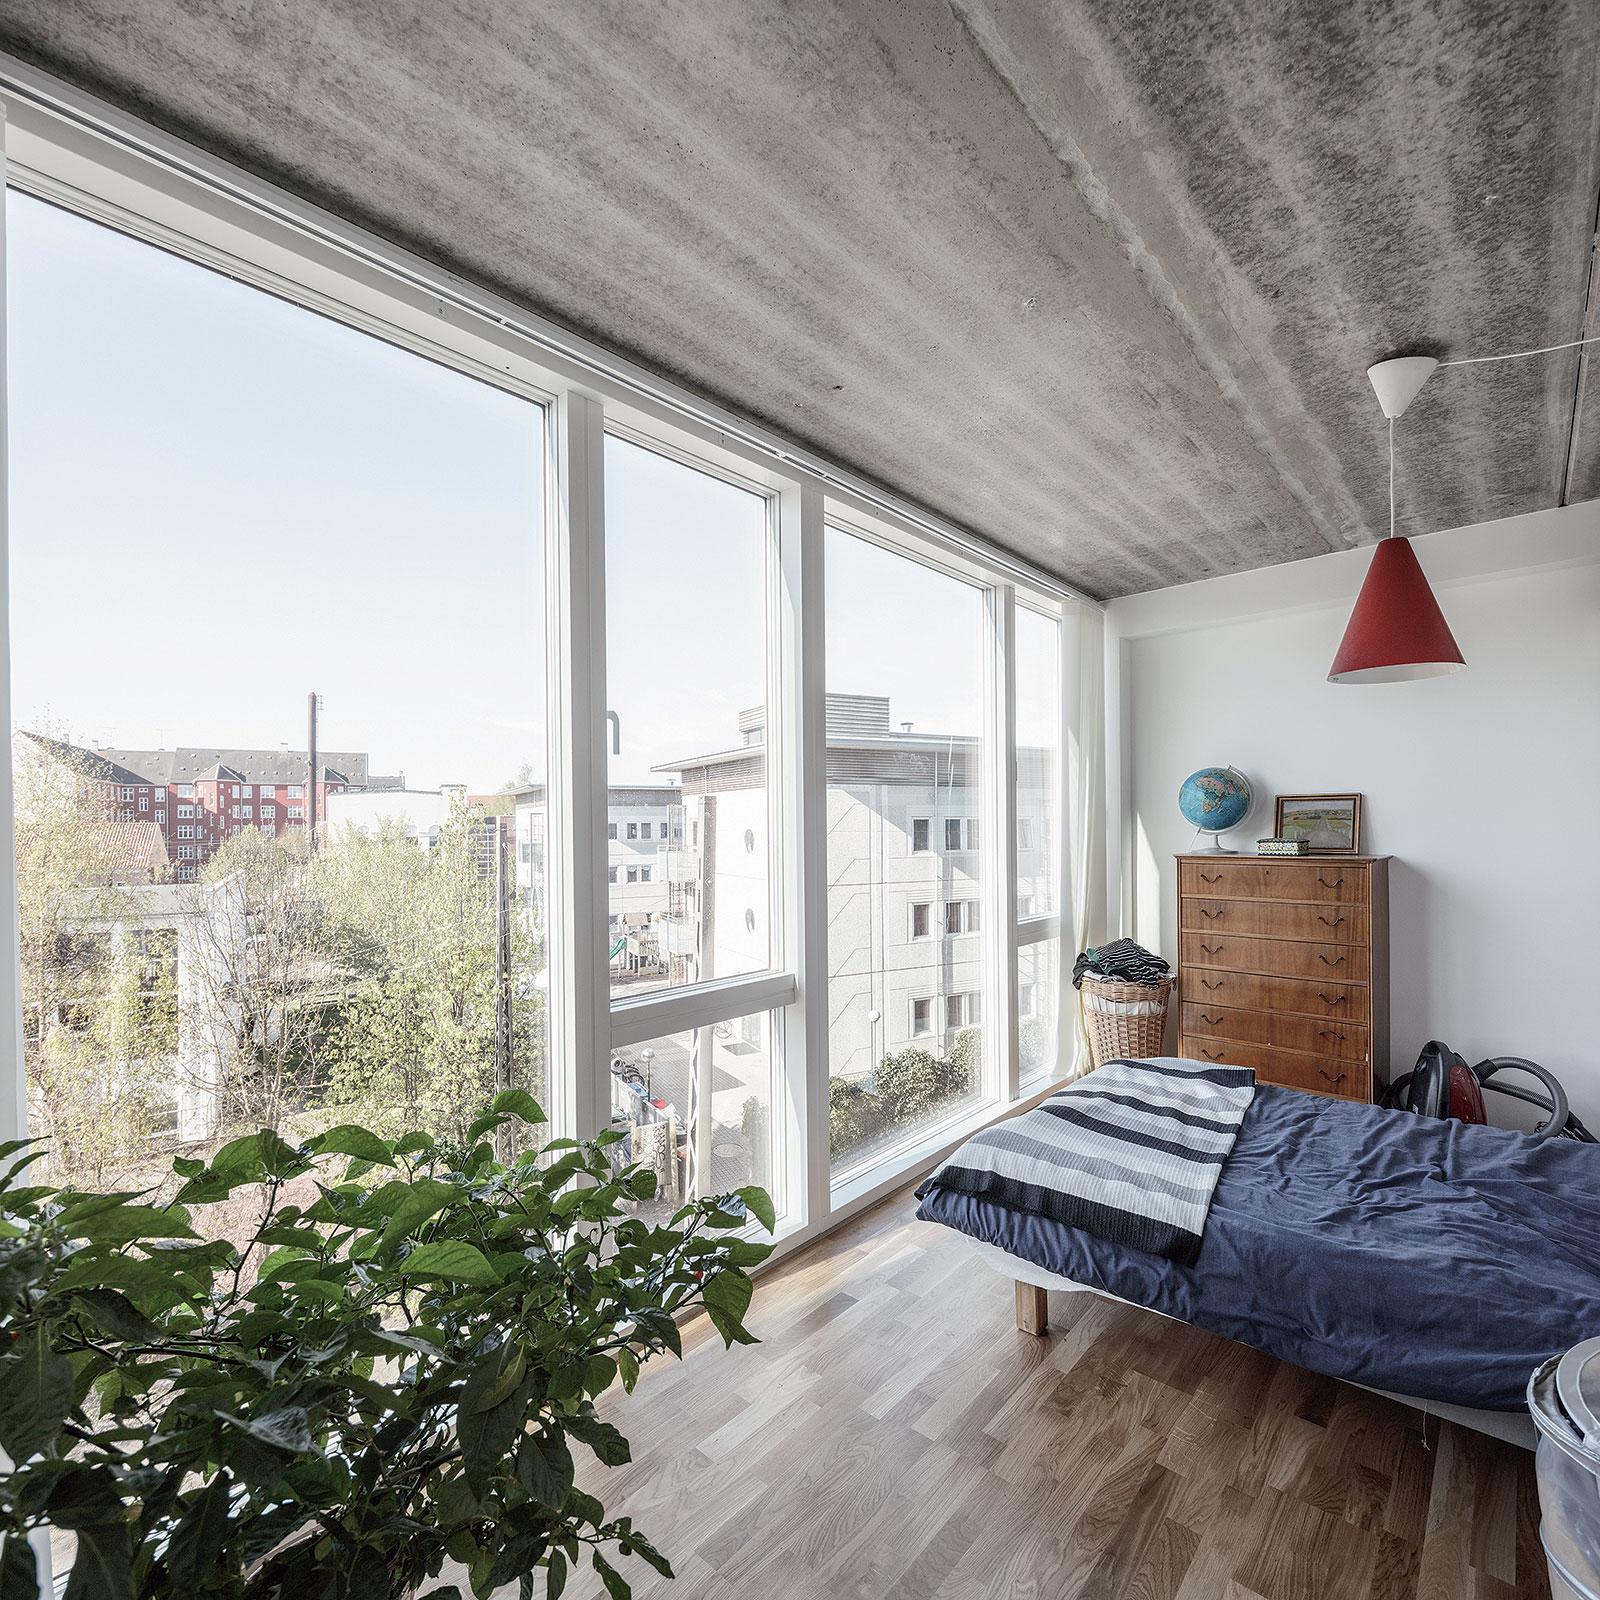 Strohé a jednoduché materiály napríklad pohľadový betón umožnili investovať do veľkoplošných okien